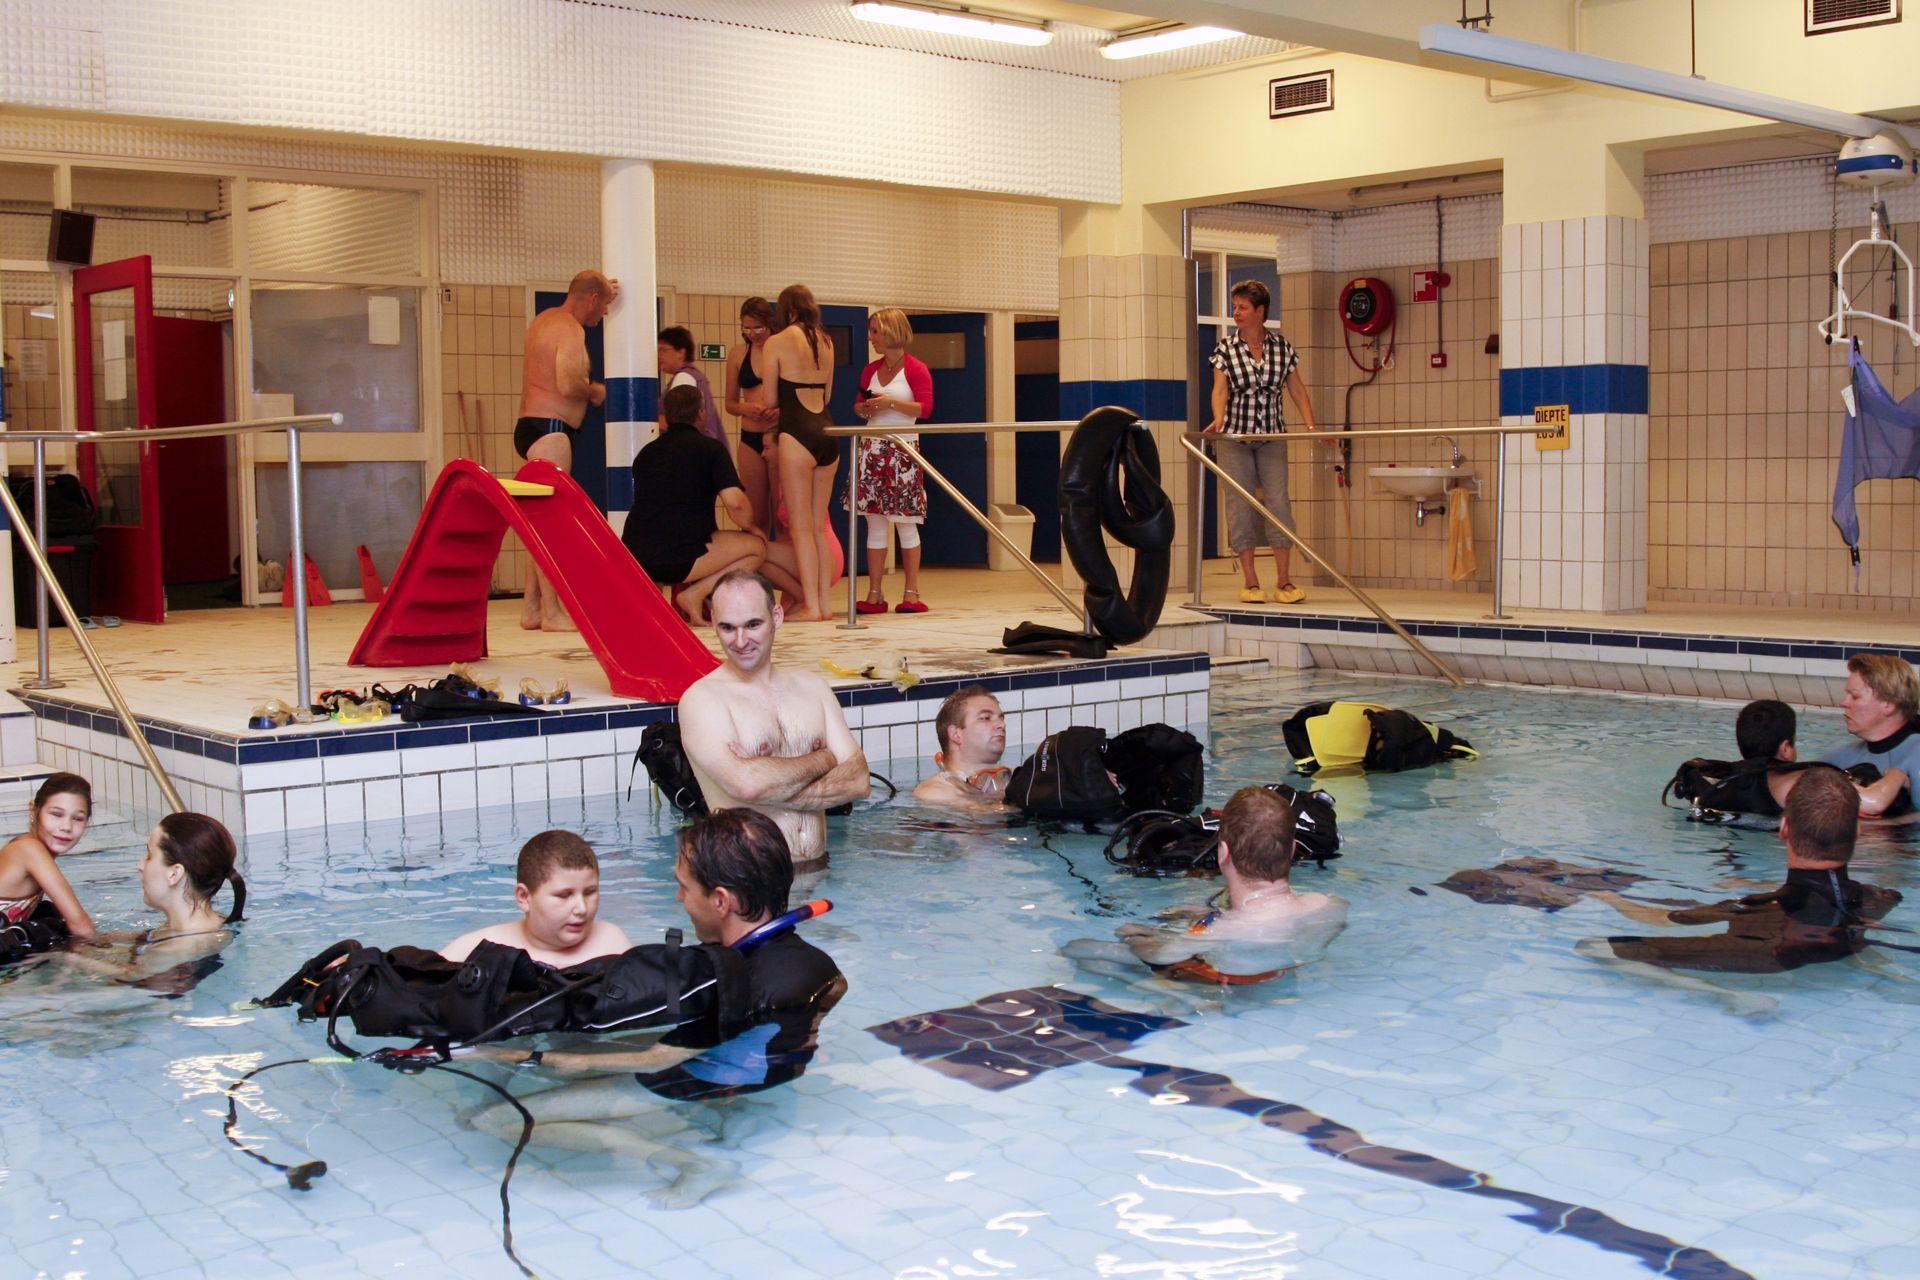 Overzicht van leerlingen die in het zwembad duikles krijgen